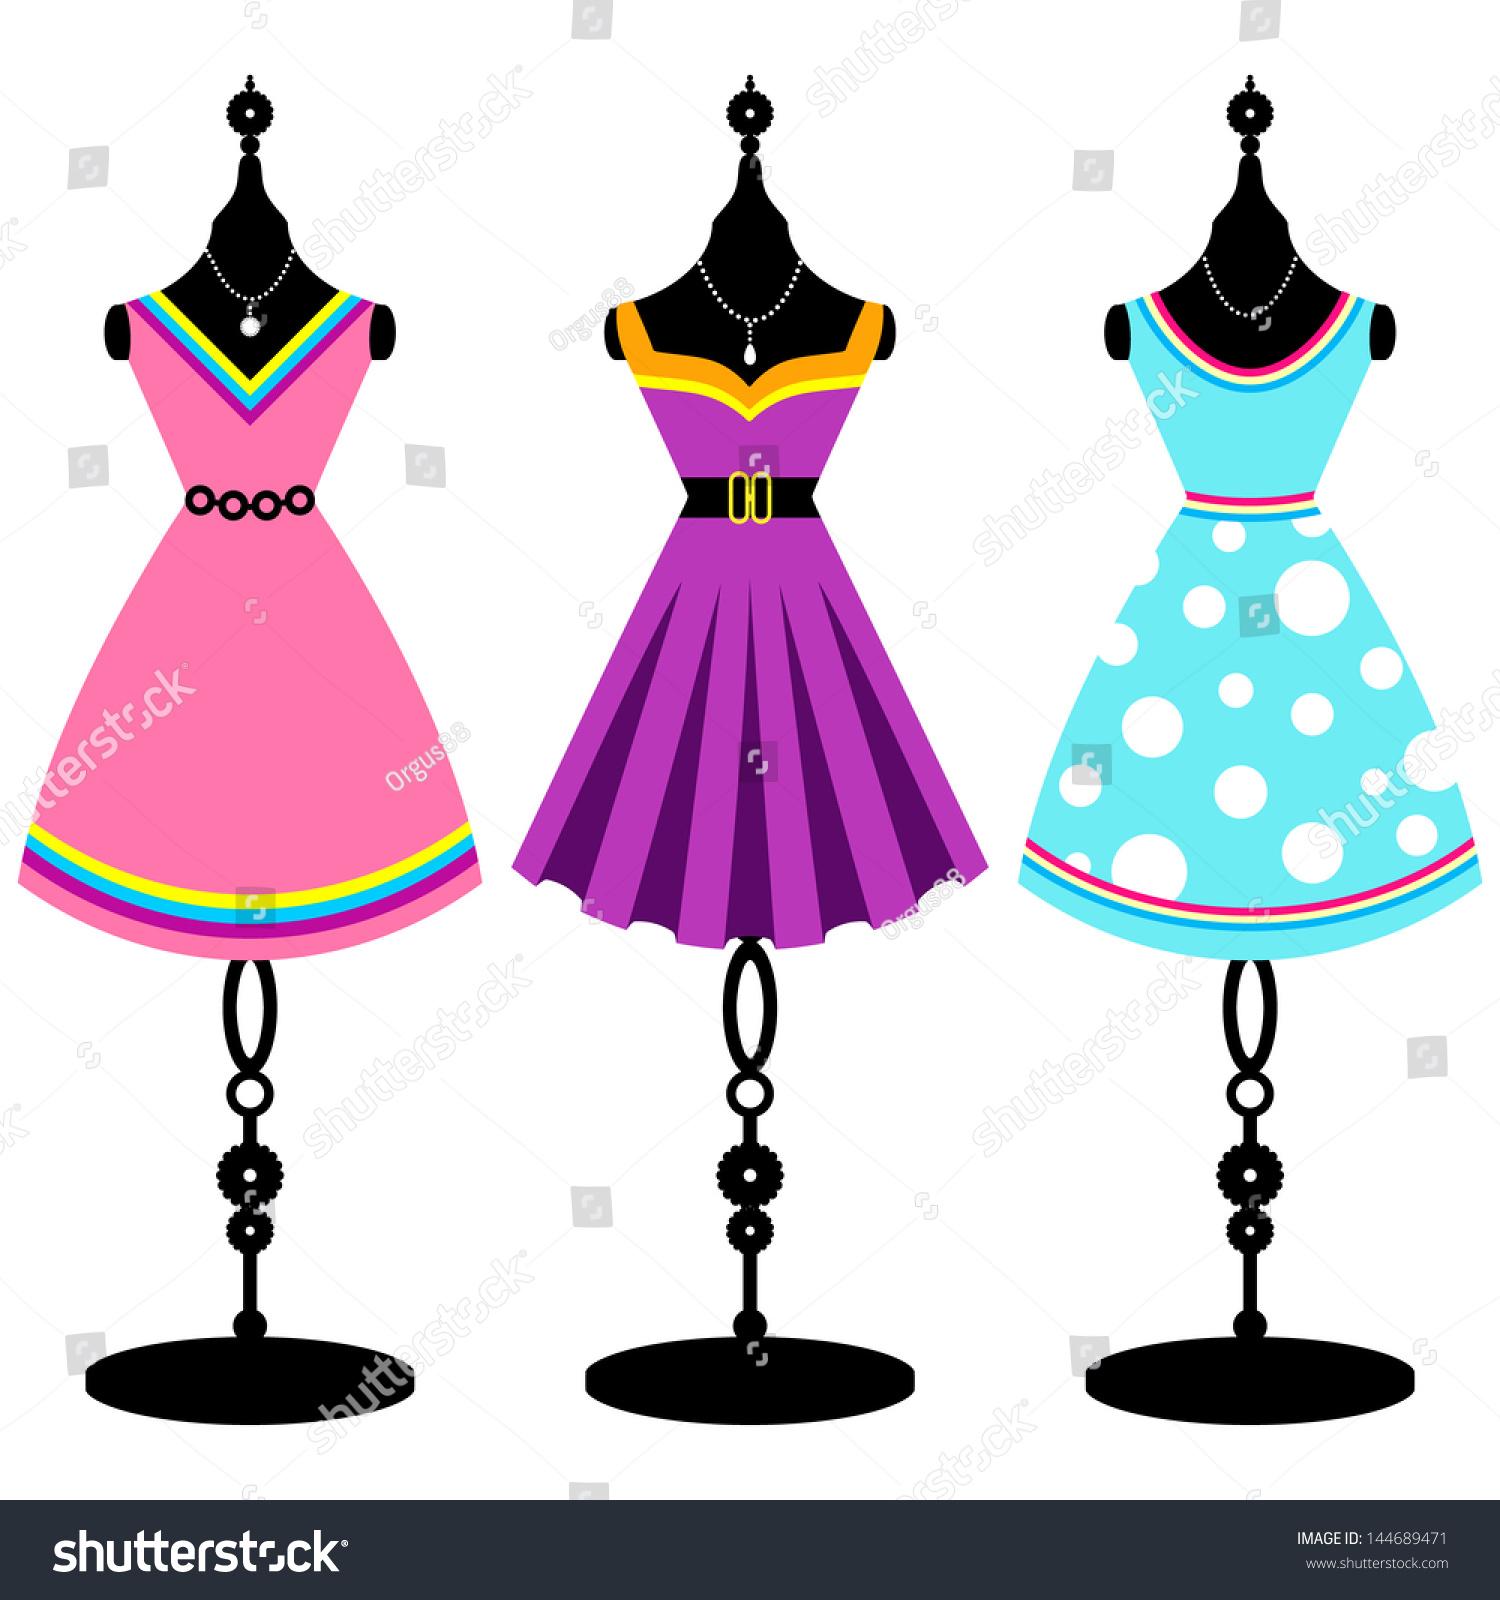 vintage dresses clipart - photo #17